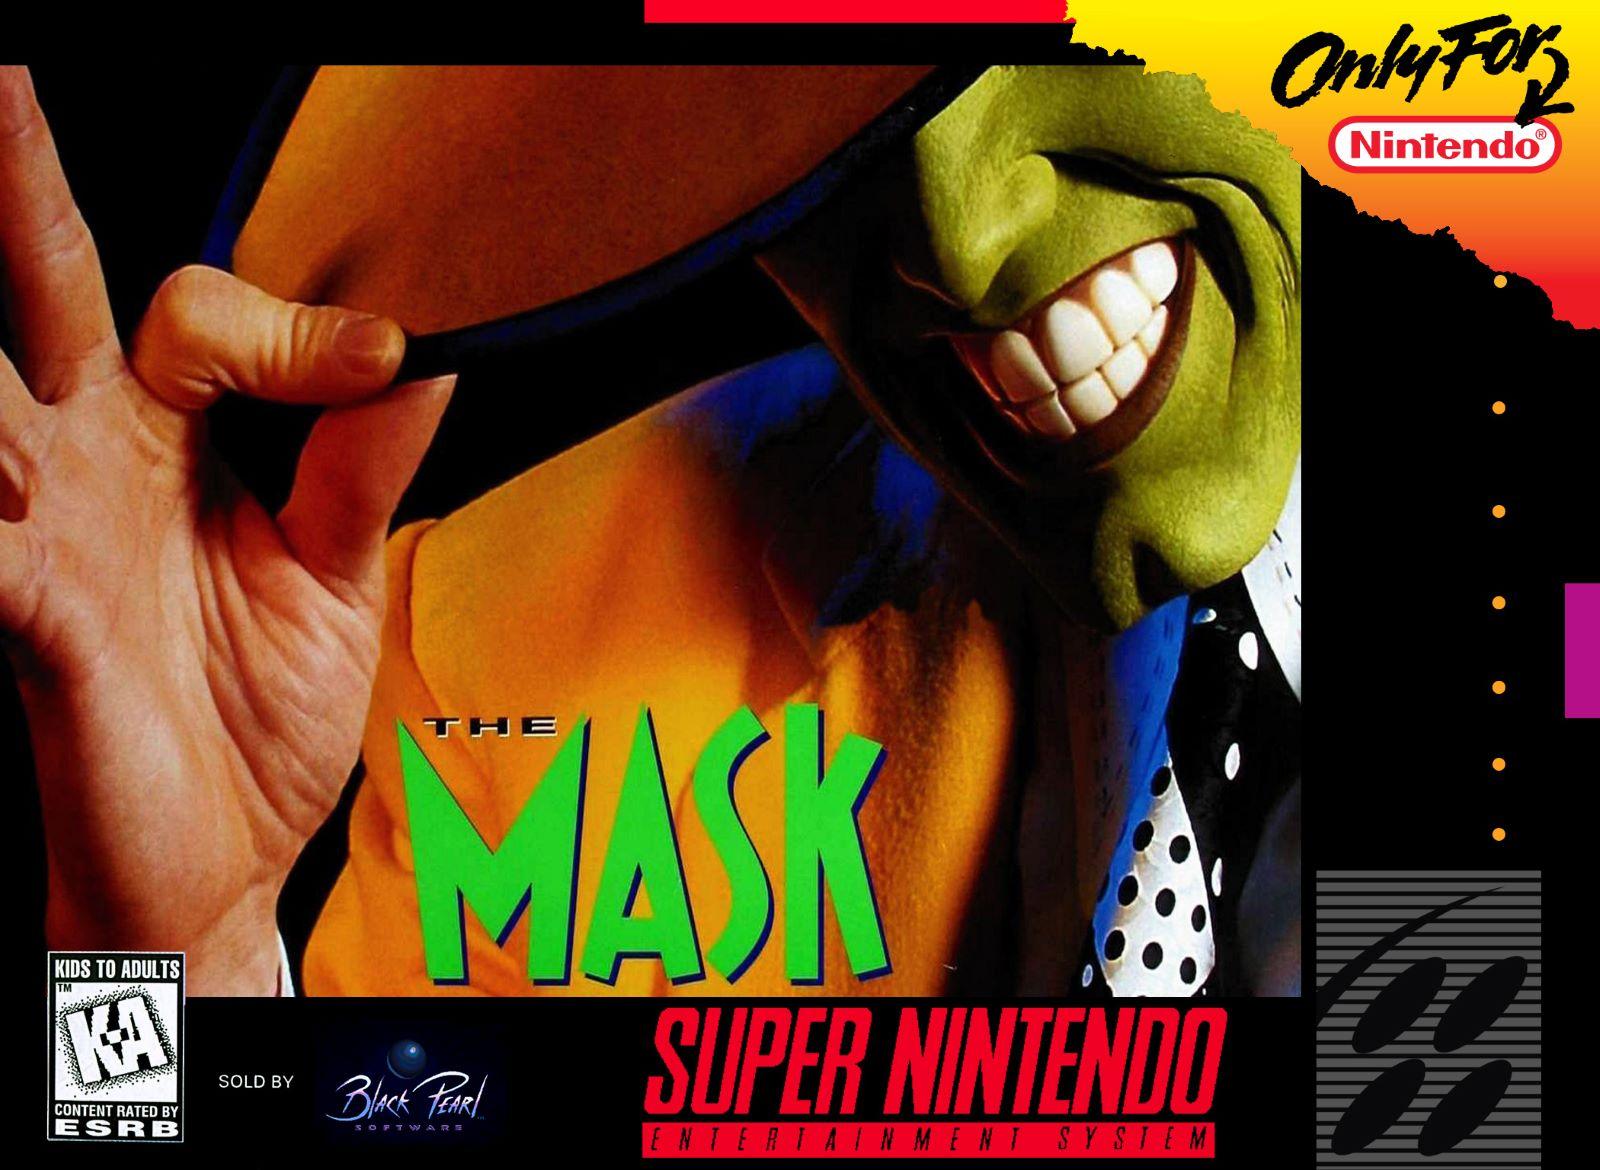 Mask Snes Super Nintendo